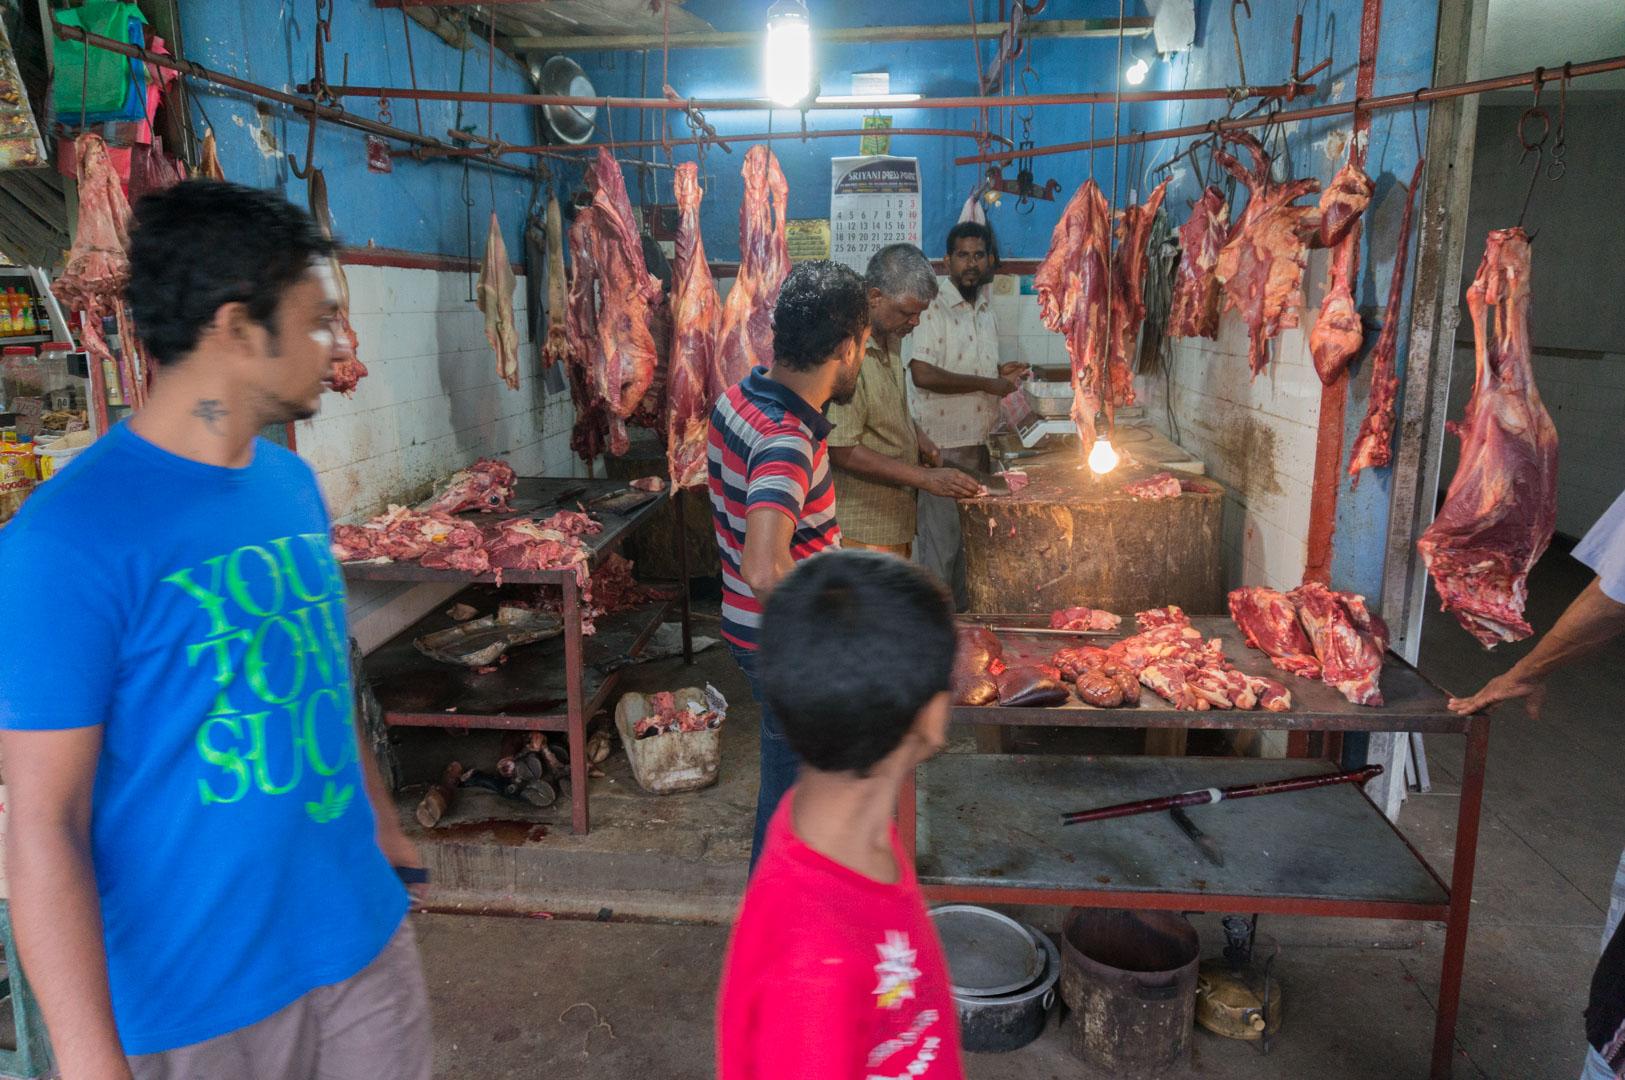 Abendessen am Kandy Kleinmarkt